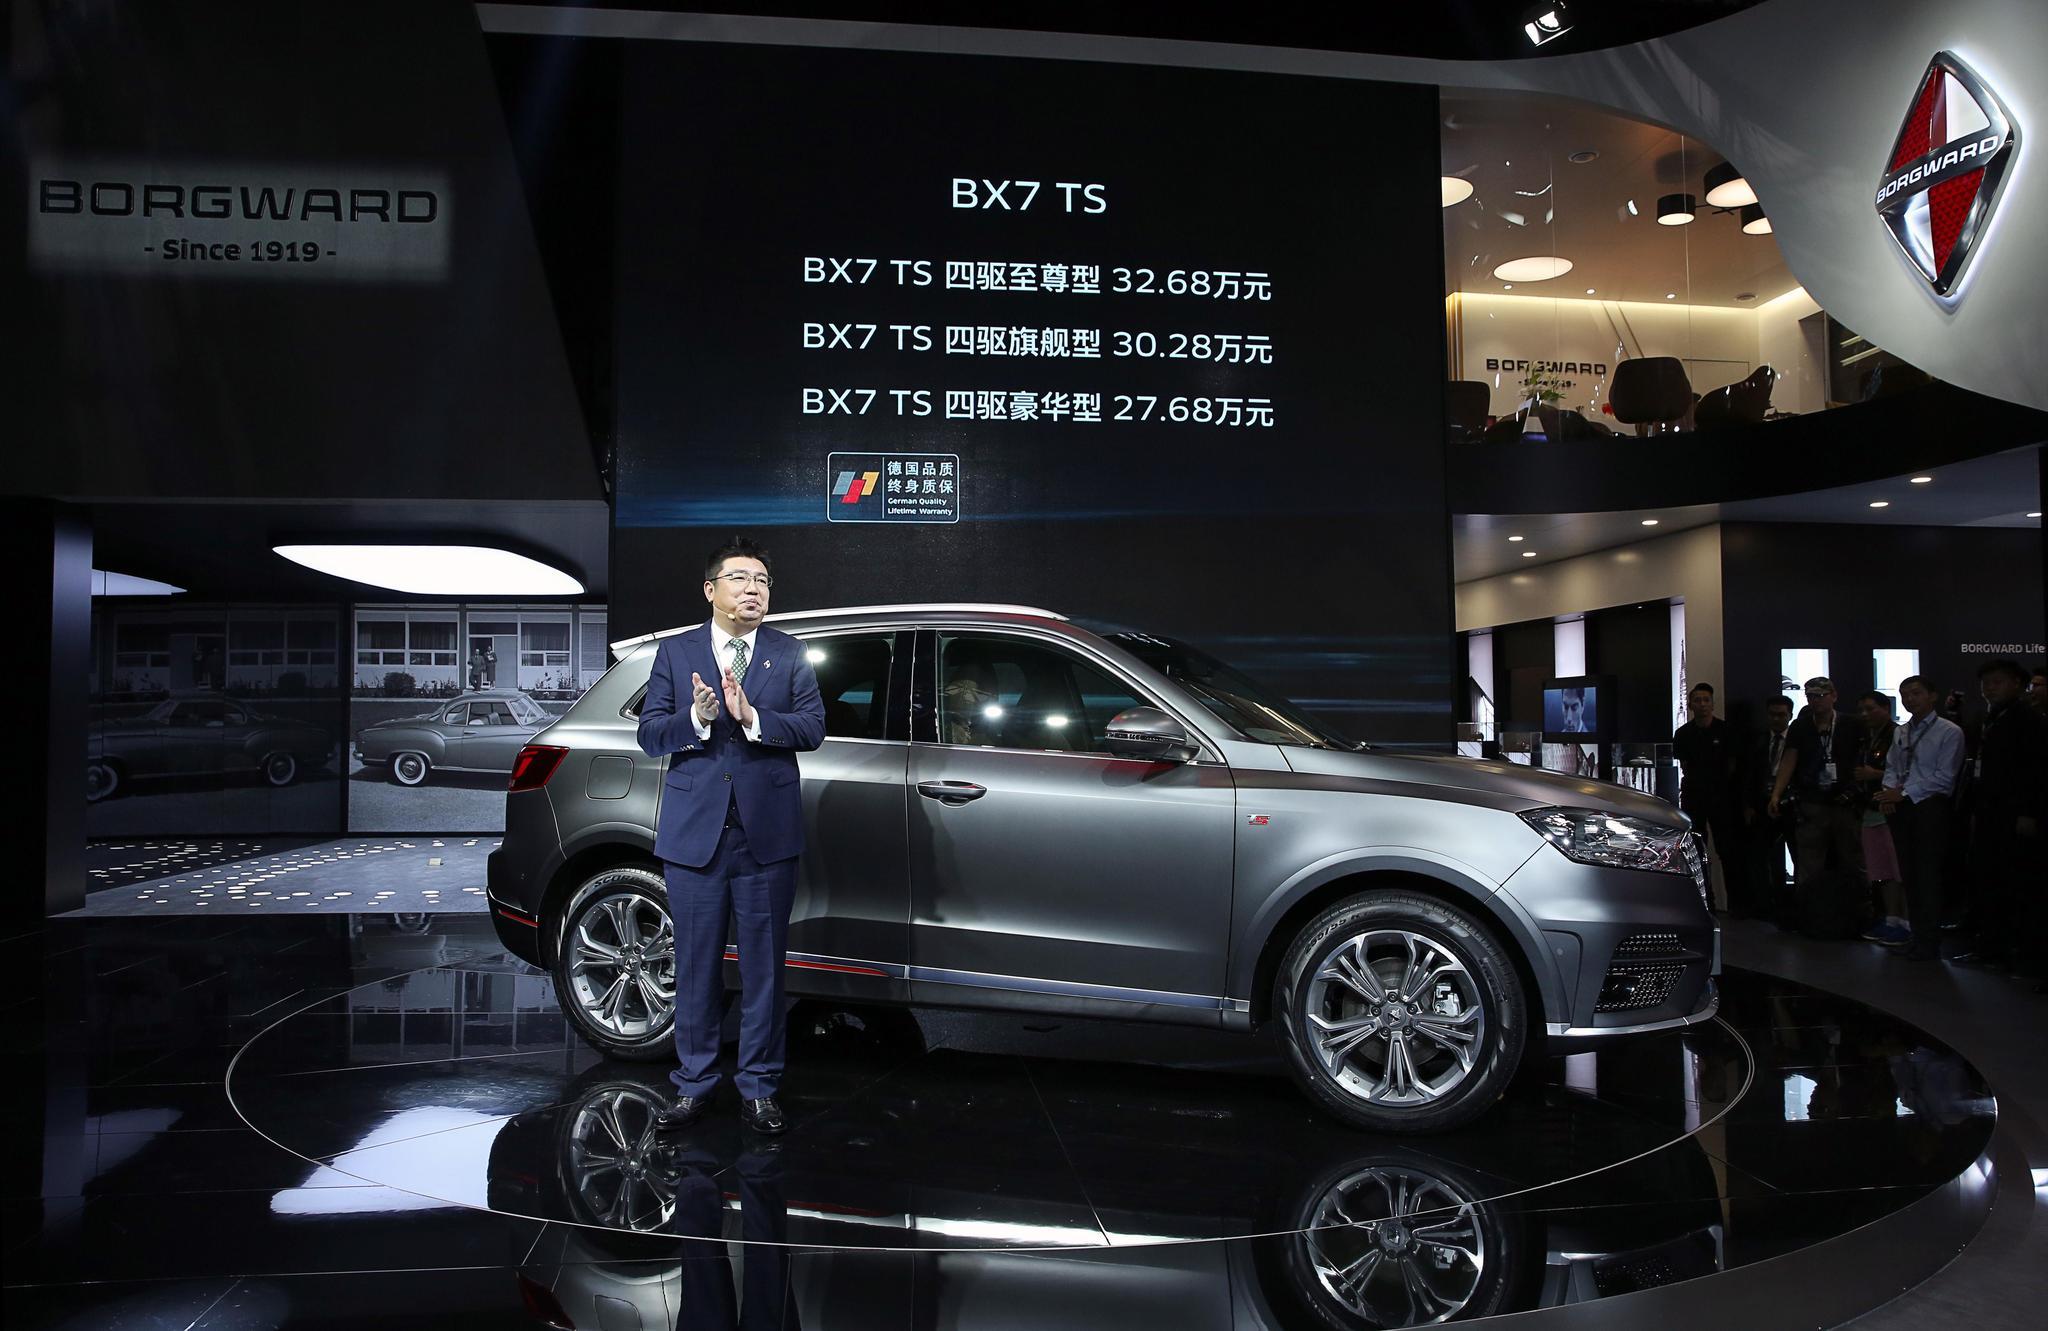 宝沃汽车(中国)副总裁兼营销公司总经理梁兆文发布bx7 ts售价图片